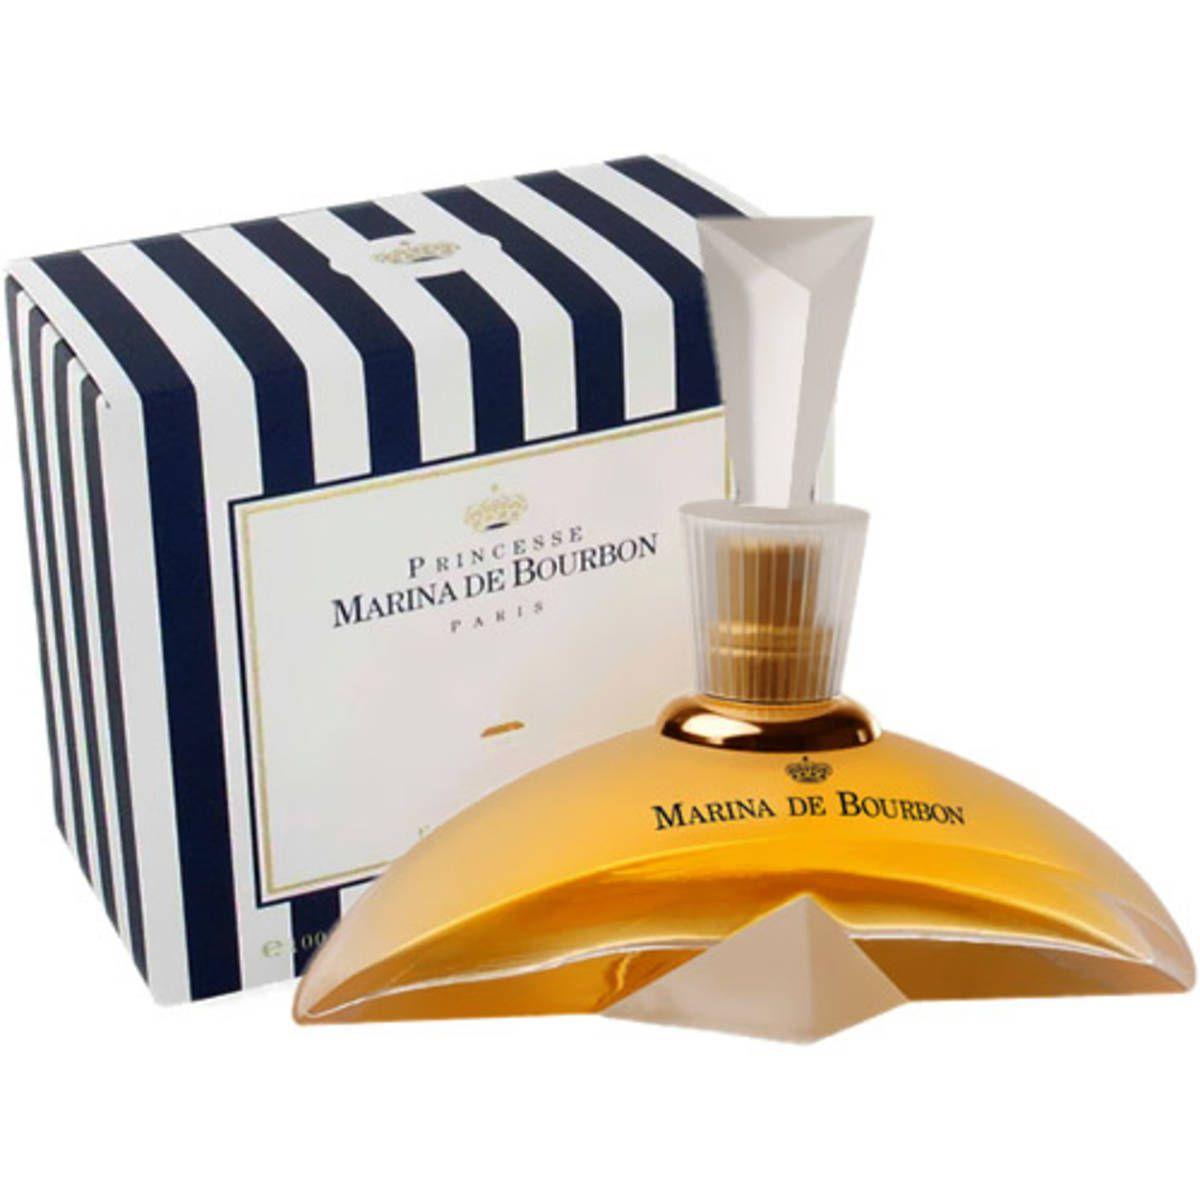 Princesse Marina de Bourbon Eau de Parfum Feminino 50ml